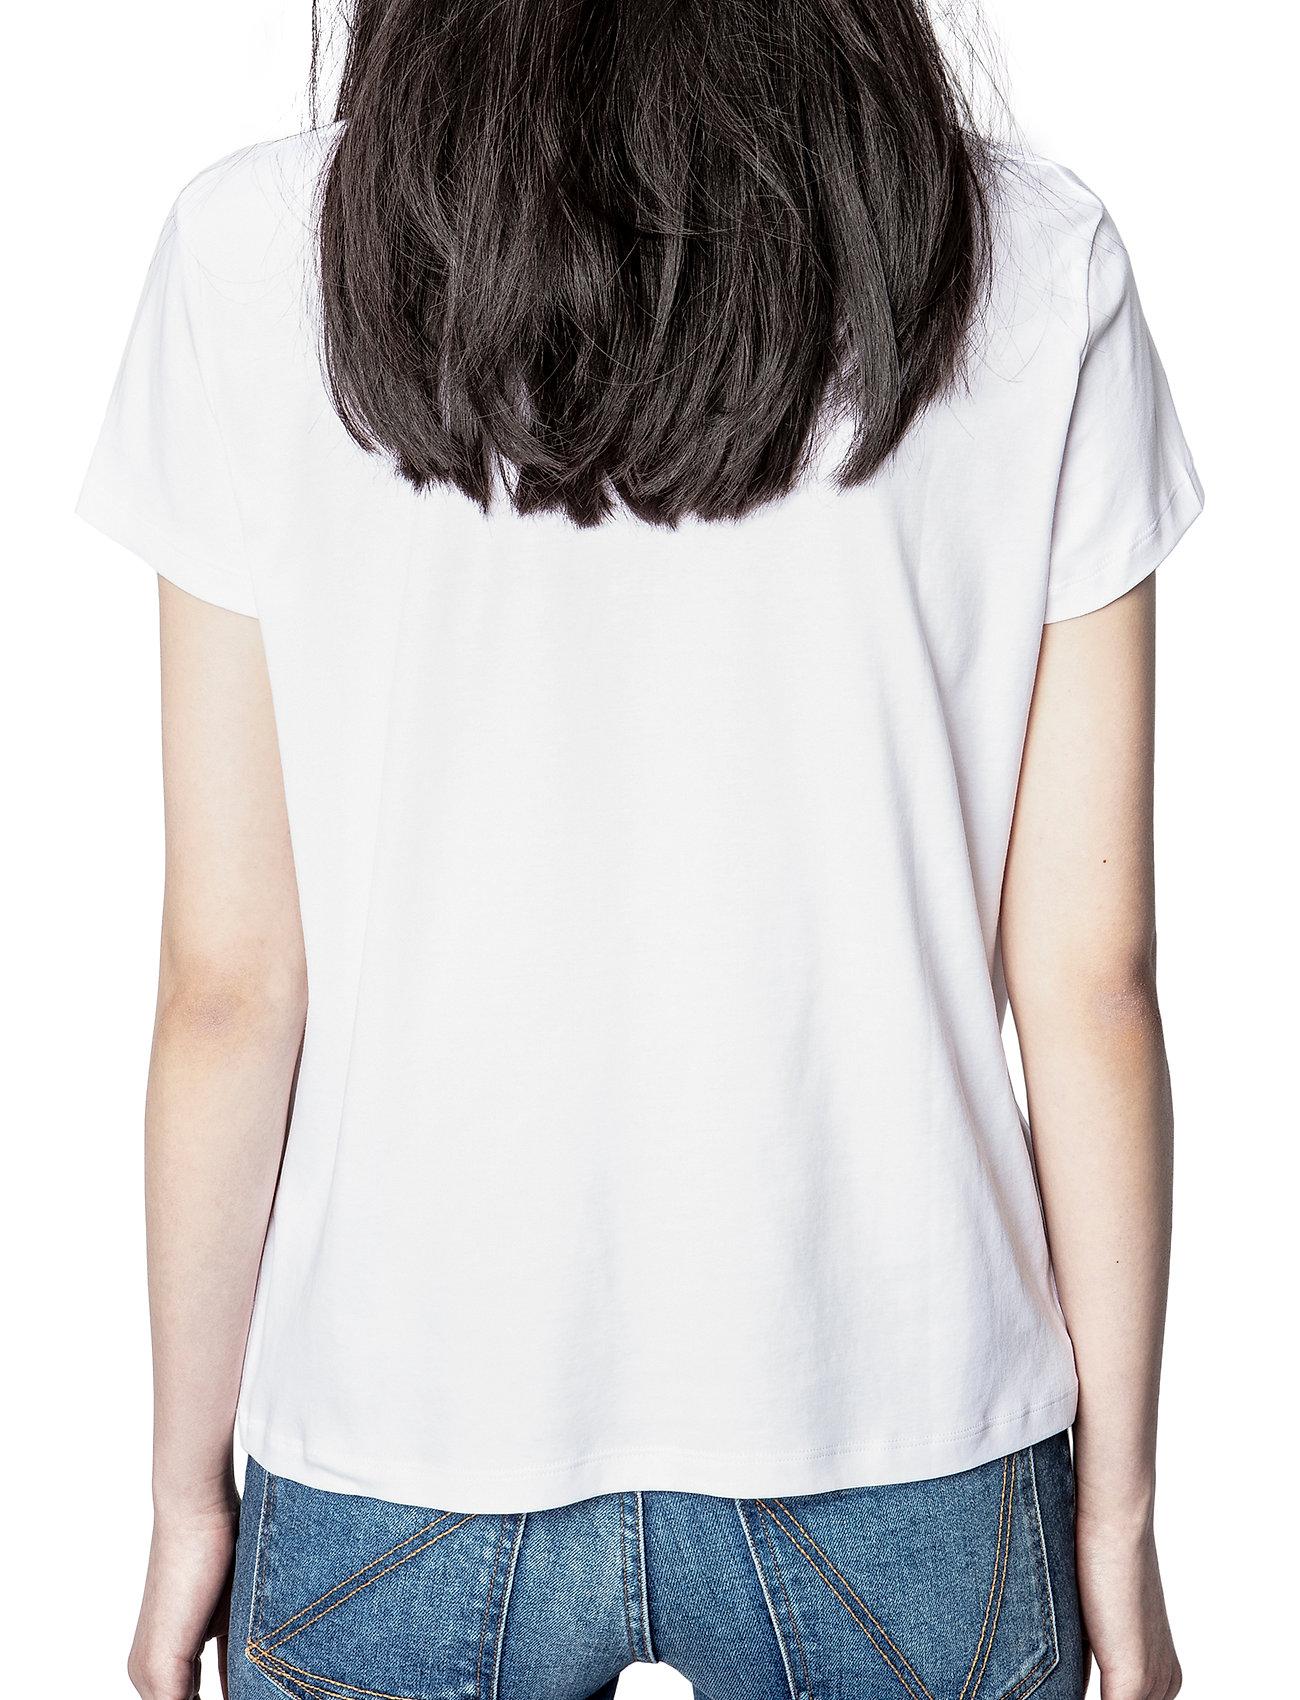 Zadig & Voltaire - ZOE BLASON STRASS T-SHIRT - t-shirts - white - 4